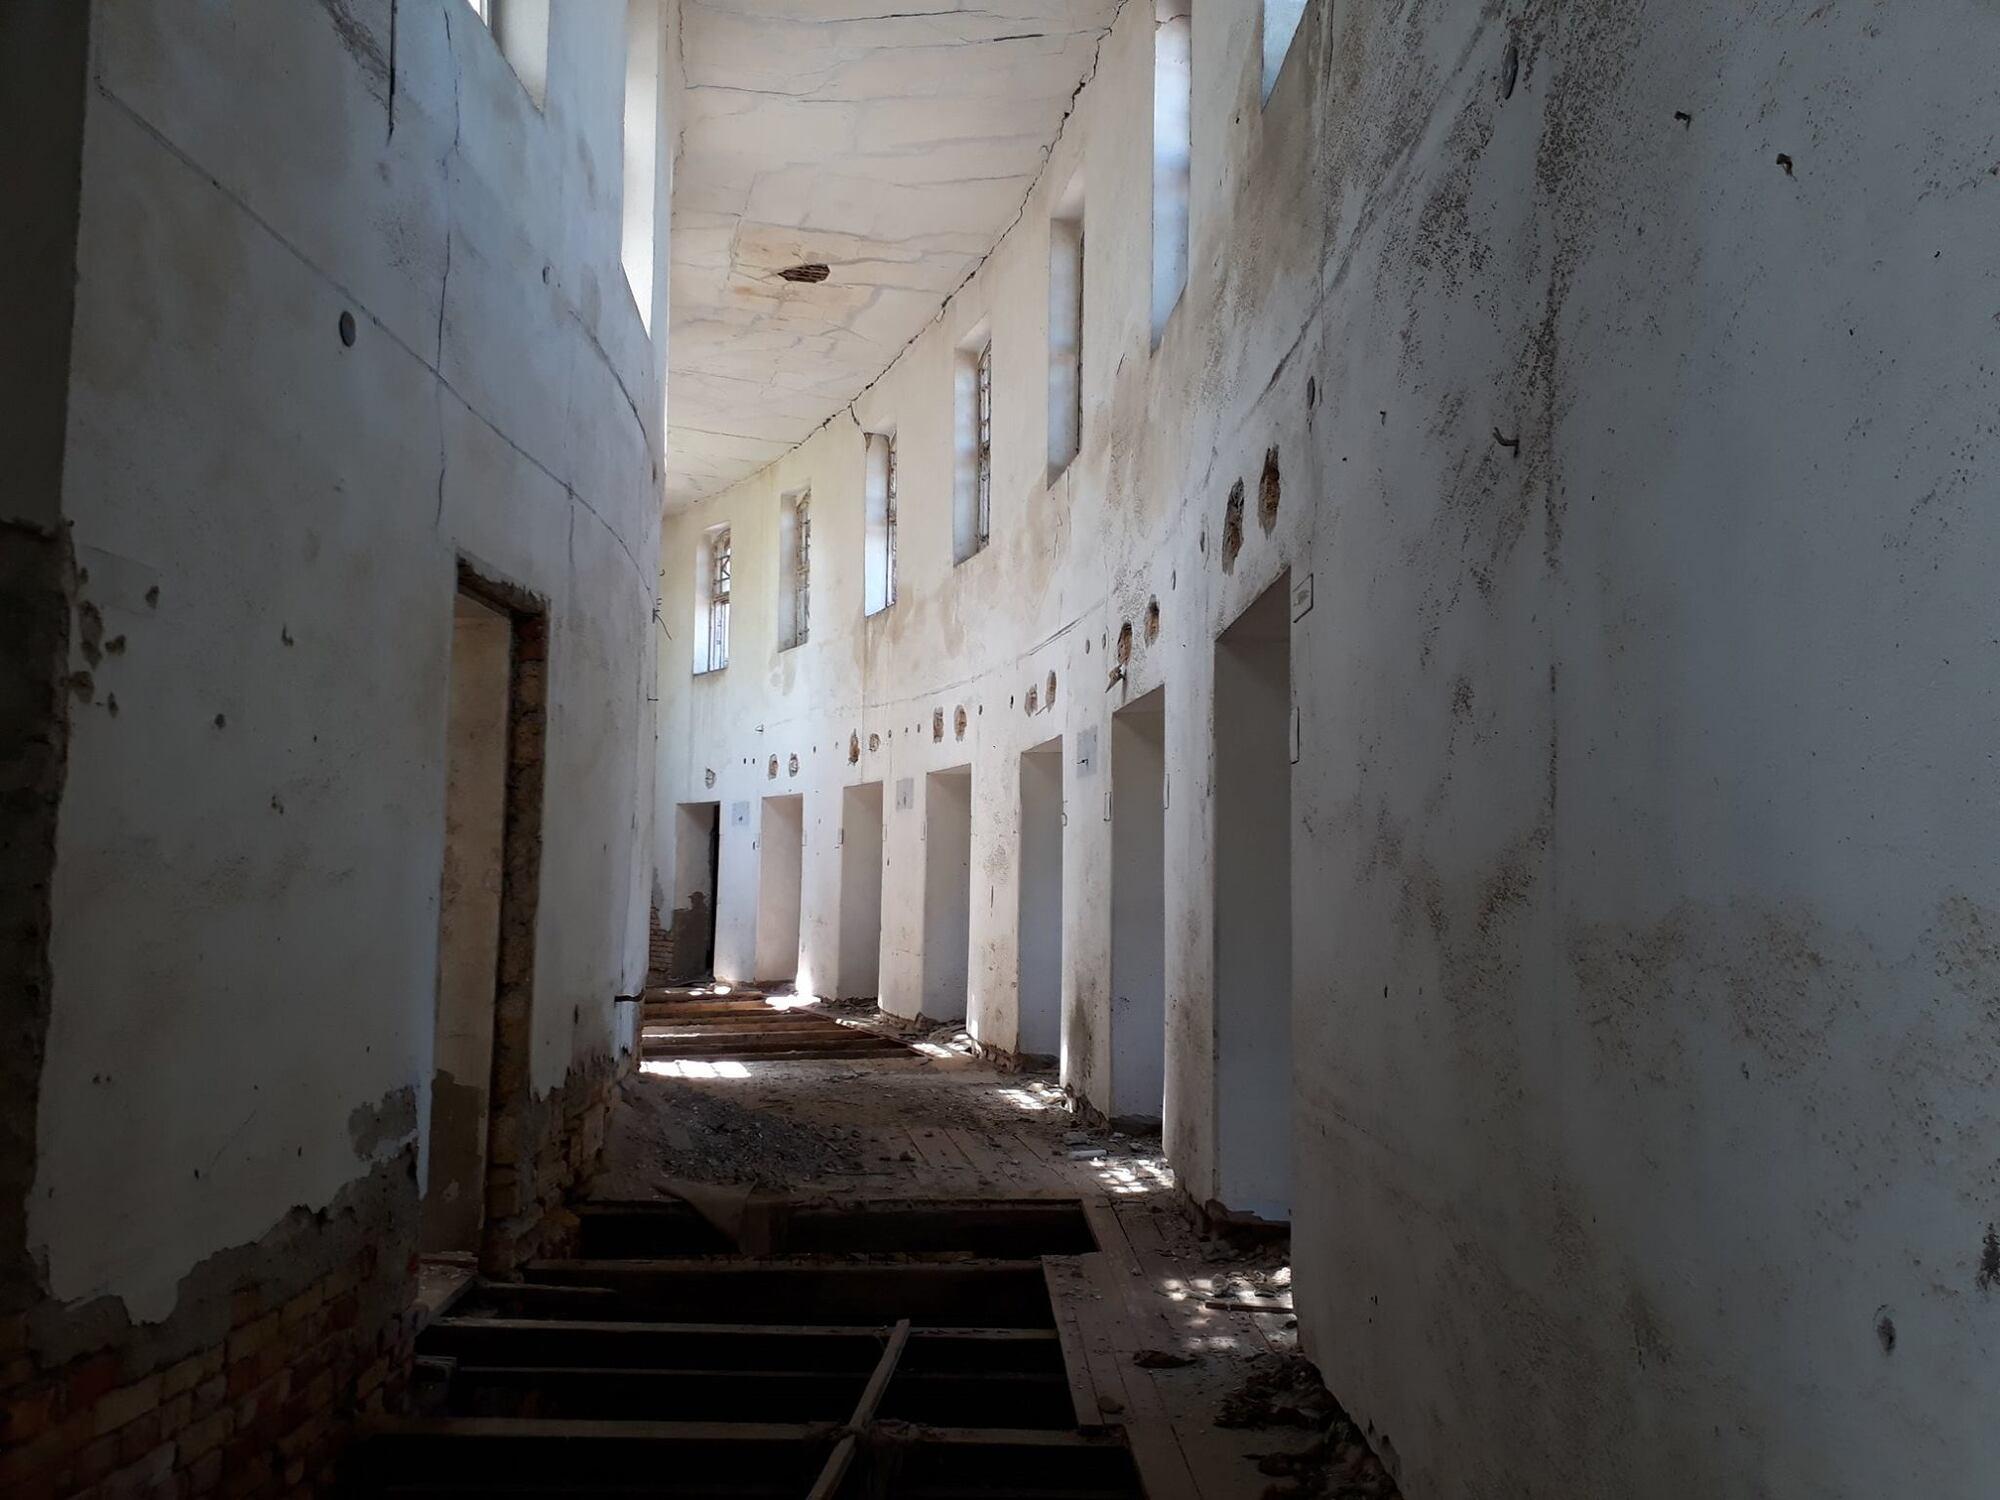 Разруха и голоса людей: во что превратилась лечебница в Куяльнике (фото)